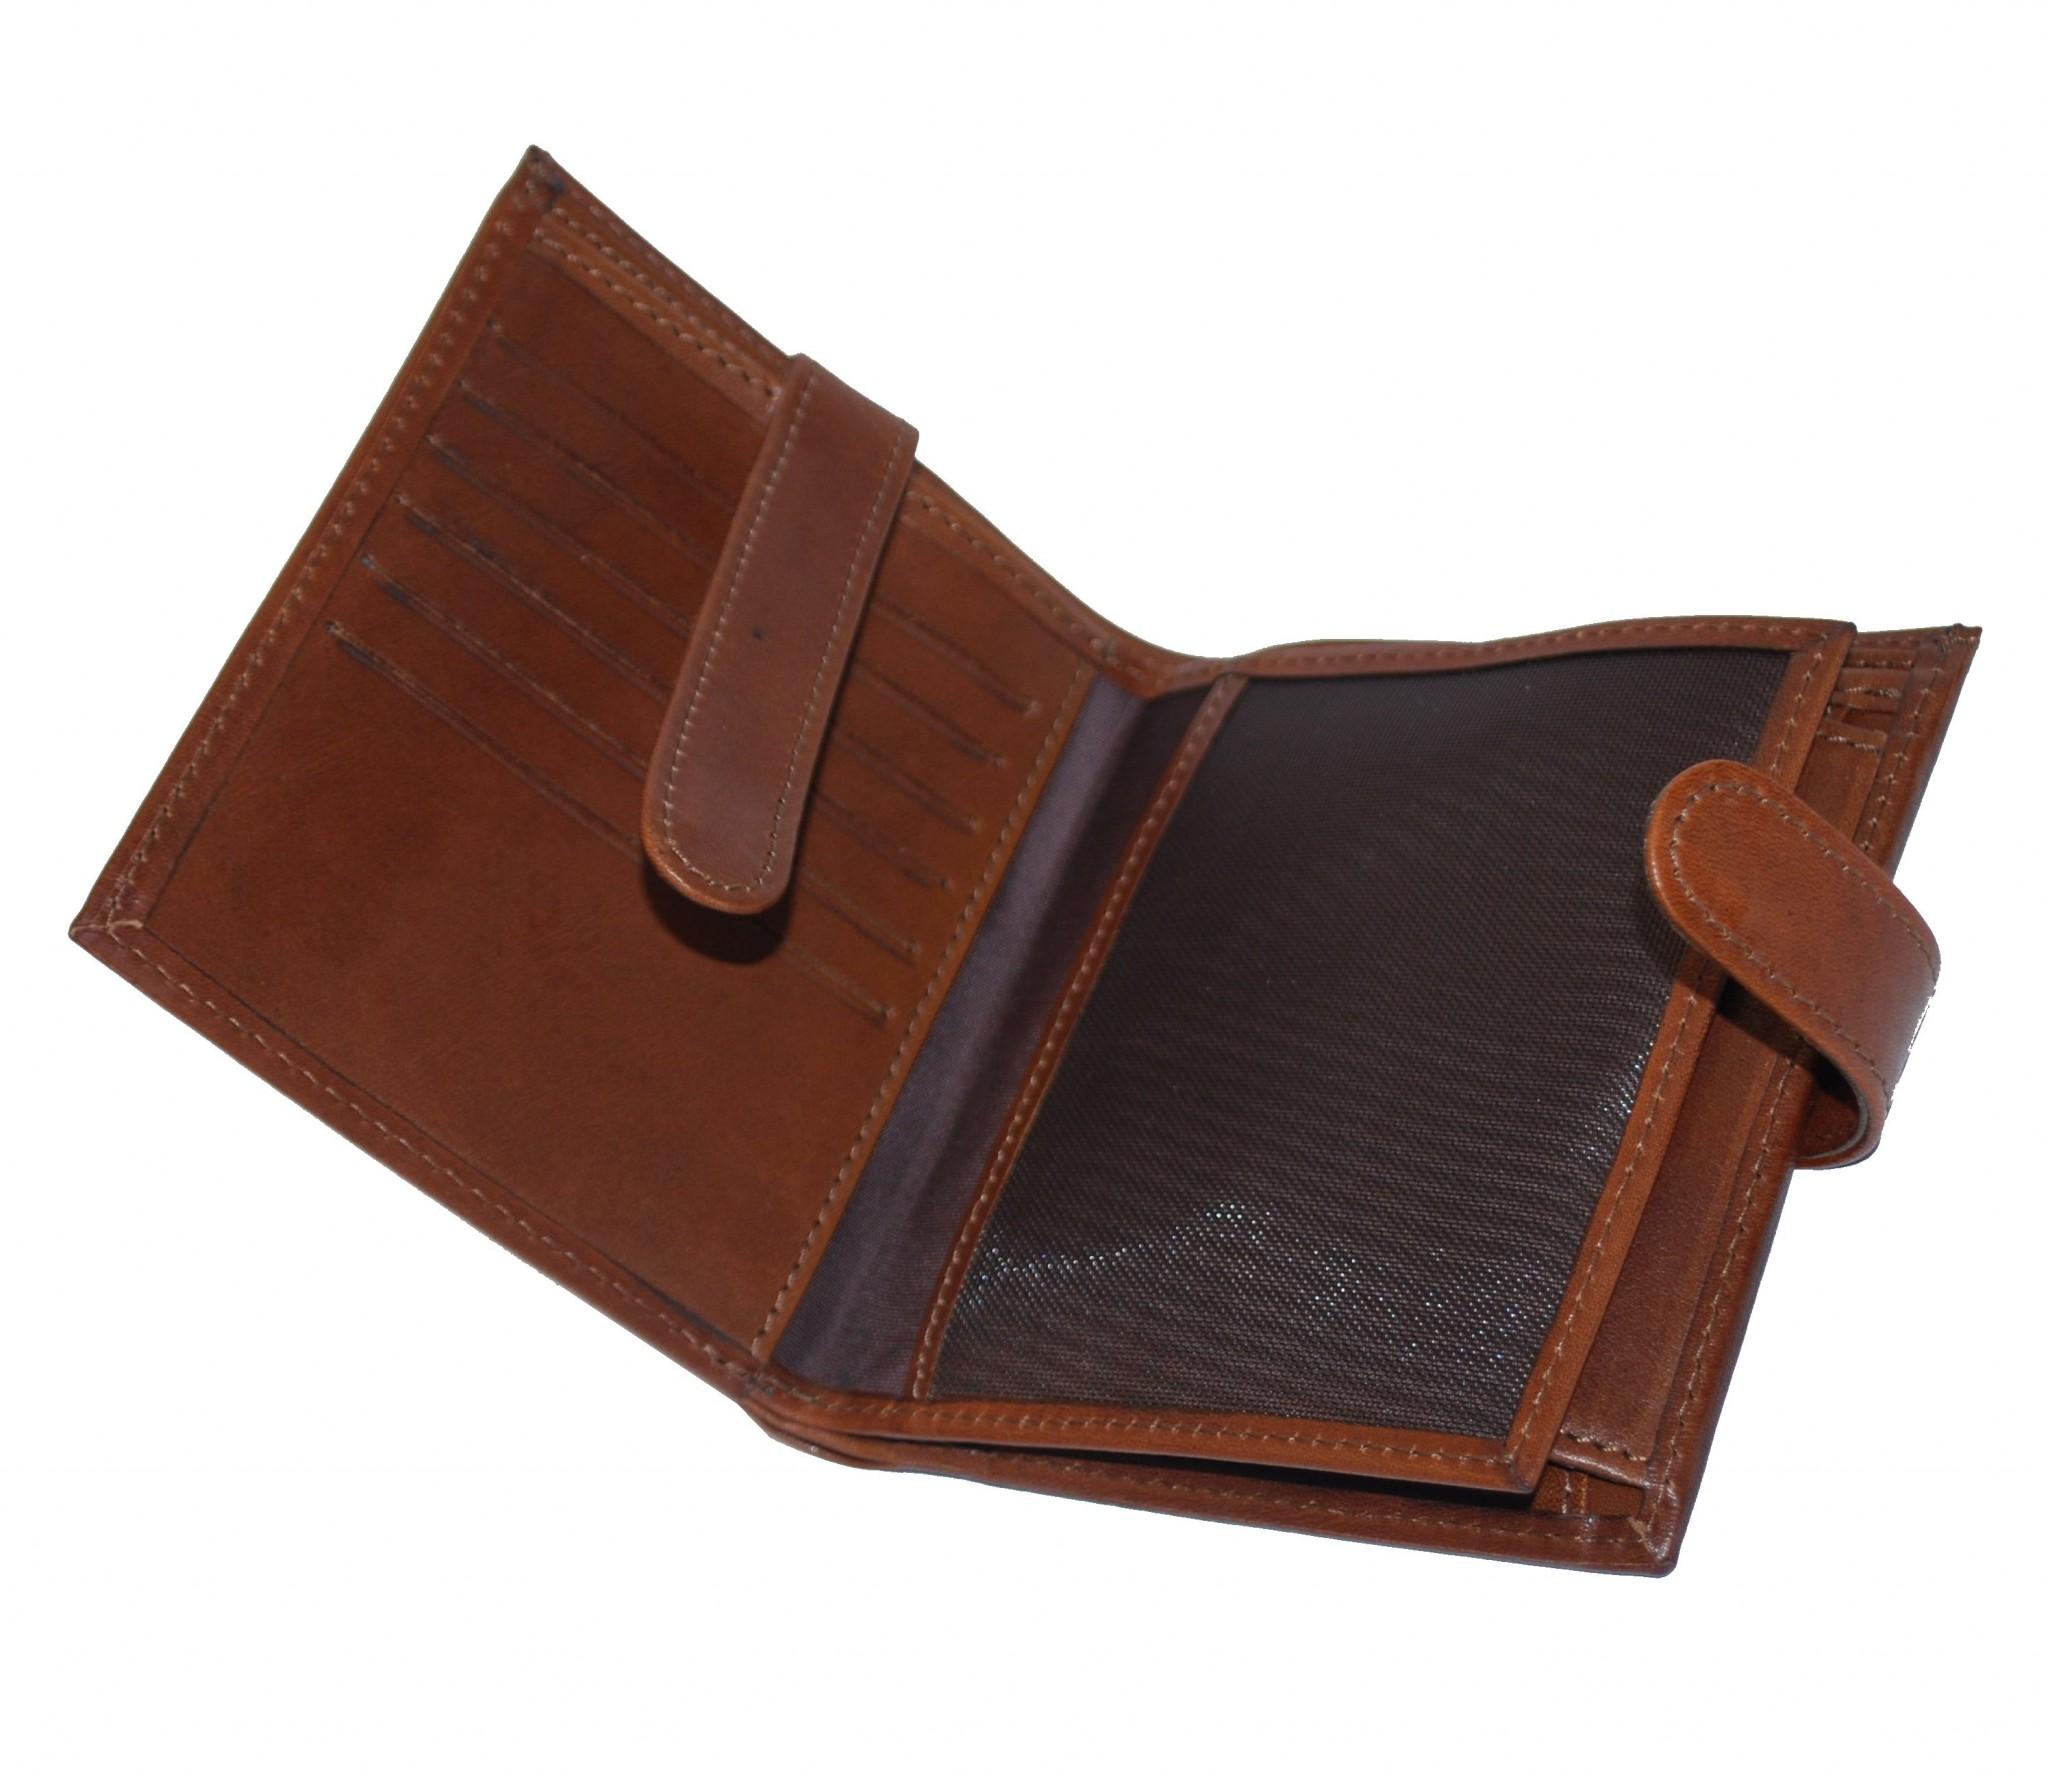 Luxusná exkluzívna kožená peňaženka č.8333 v hnedej farbe ·   Predošlé ... 888b43535c4